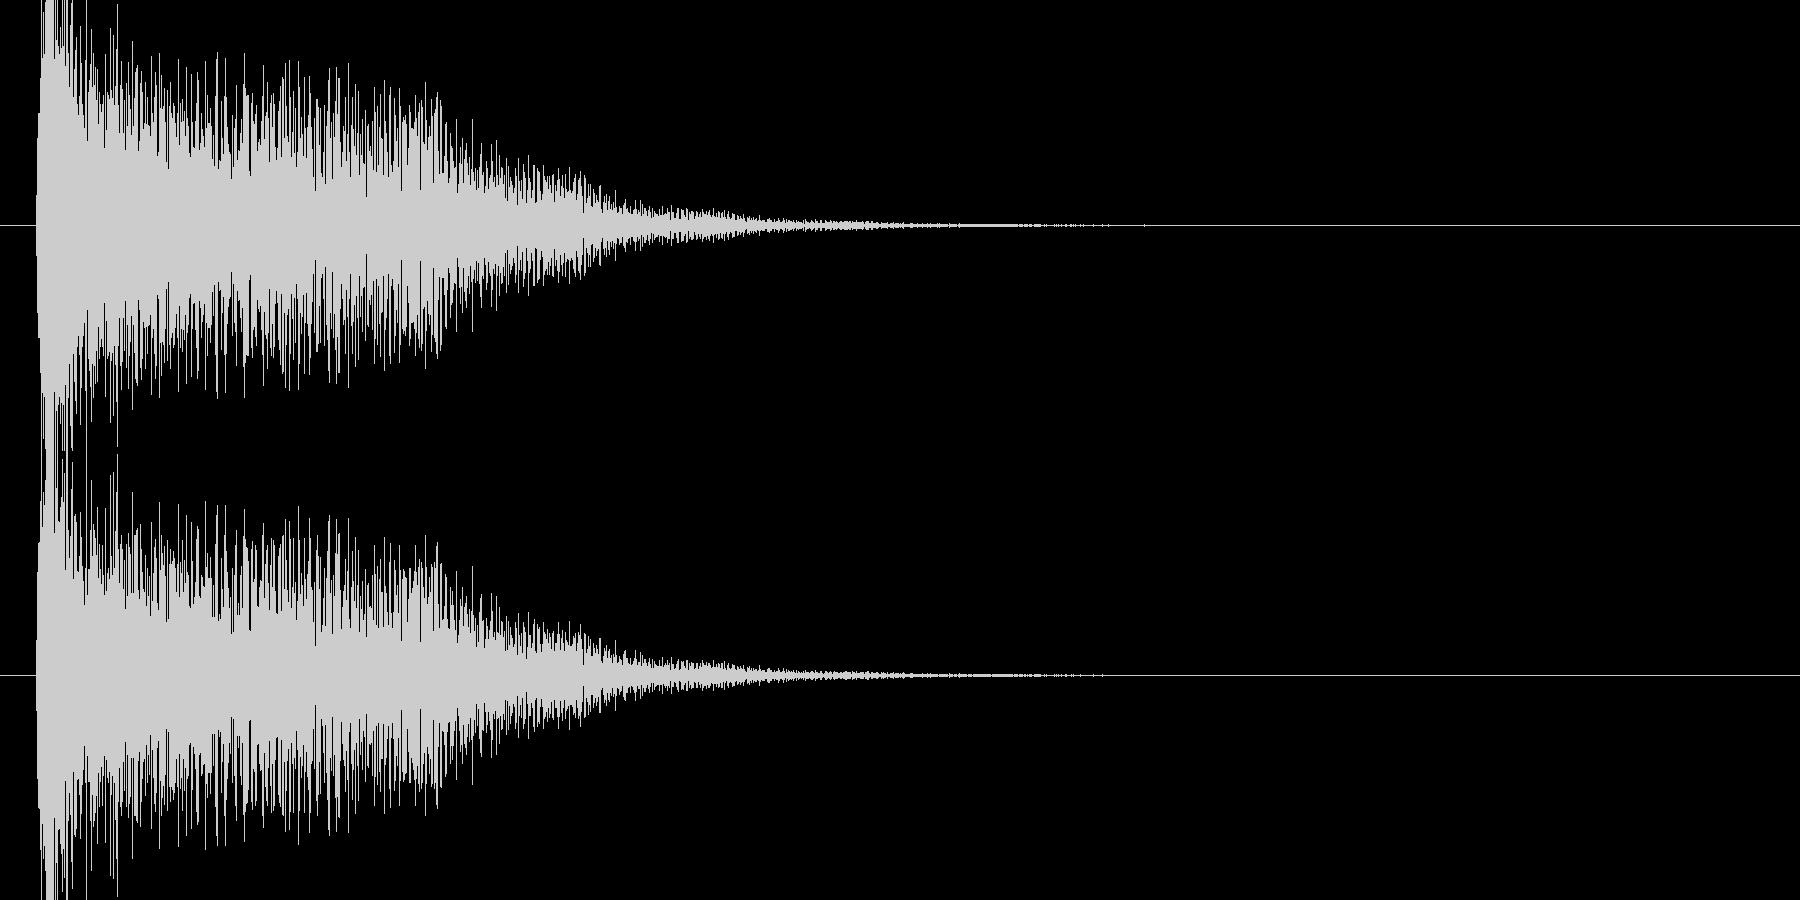 未来的なシンセのオケヒ起動 スタート音2の未再生の波形